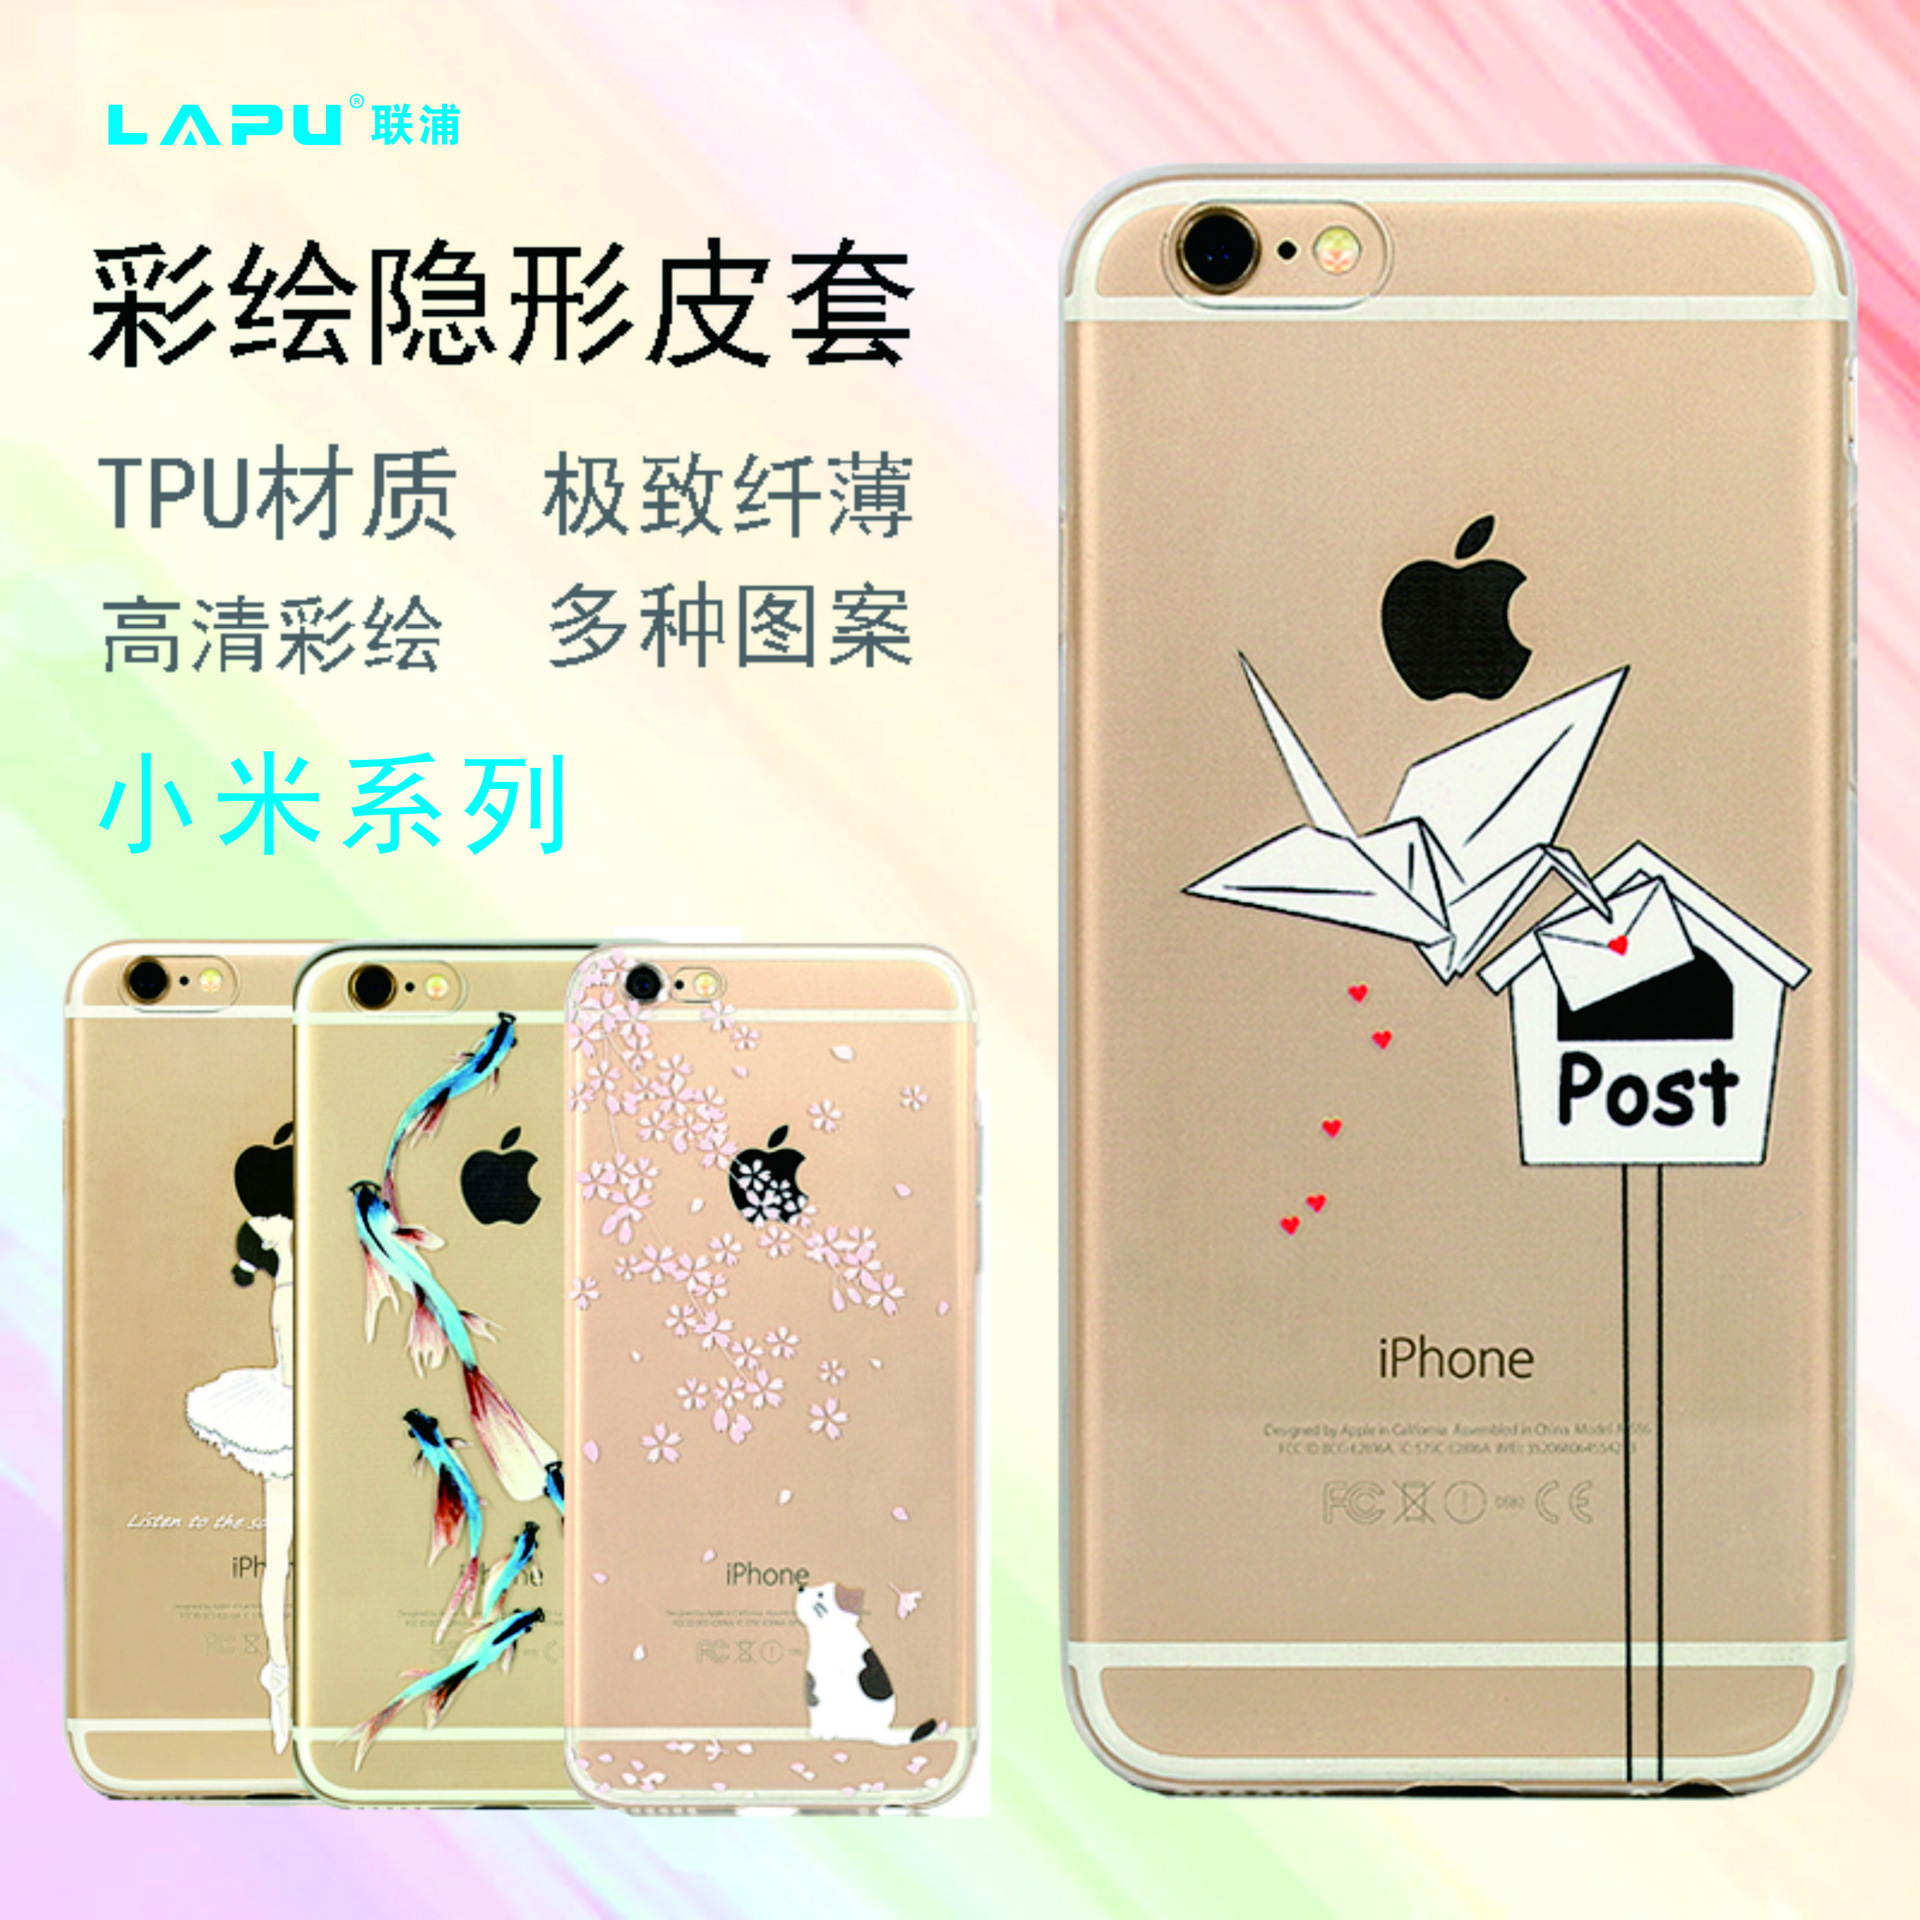 小米可爱手机套 红米小米彩绘卡通手机保护套超薄tpu软胶套批发